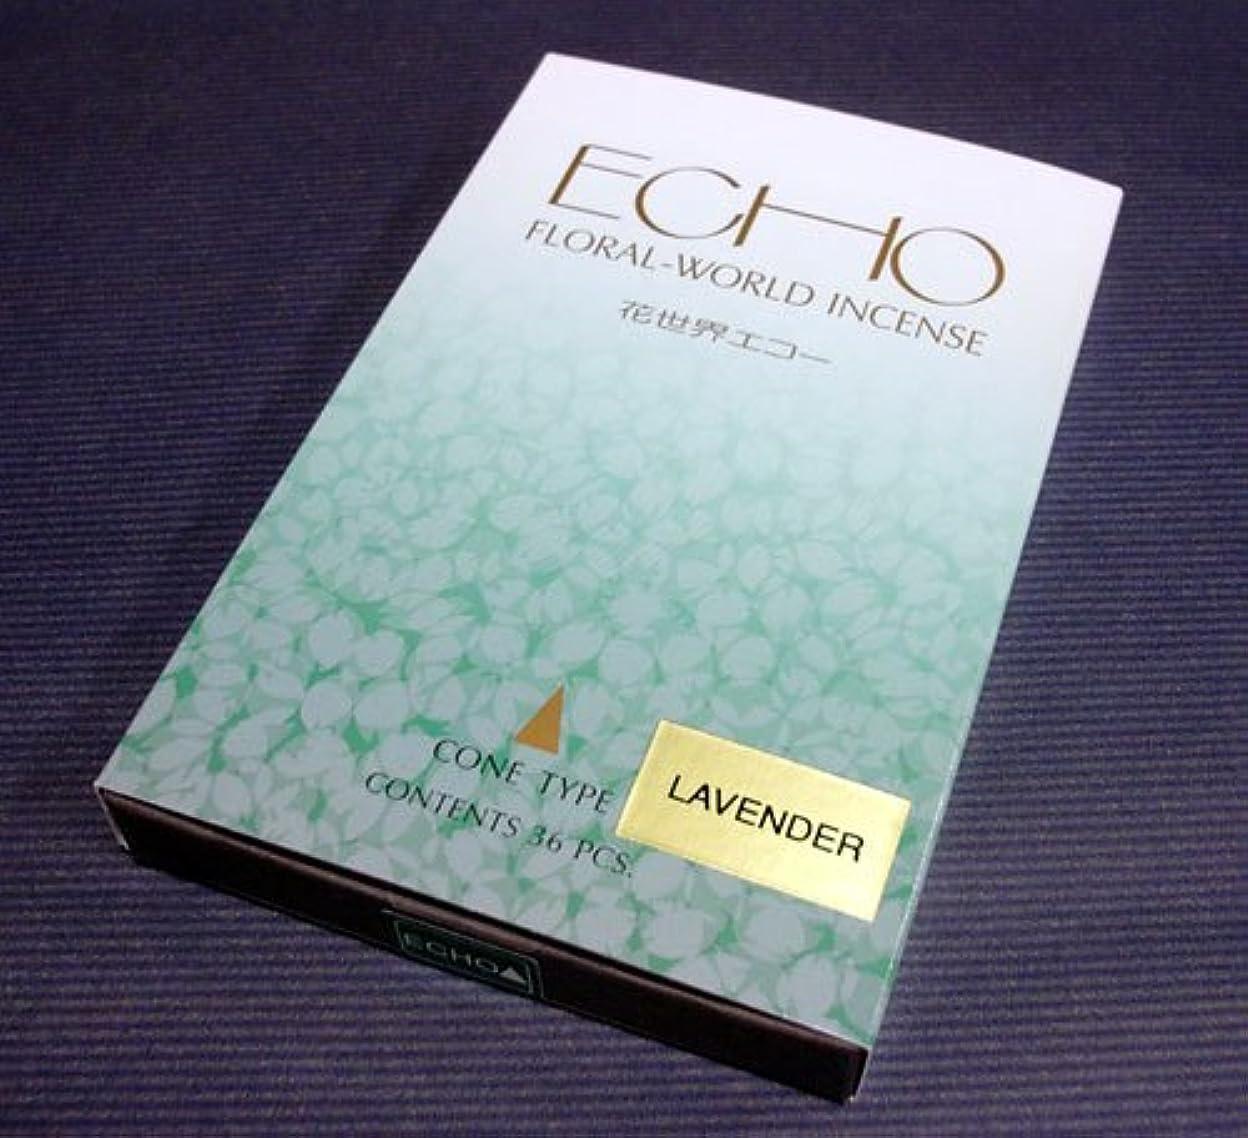 基本的な膨らませるからに変化する香水香 コーンタイプ 花世界エコー ラベンダー 松栄堂 【お香】